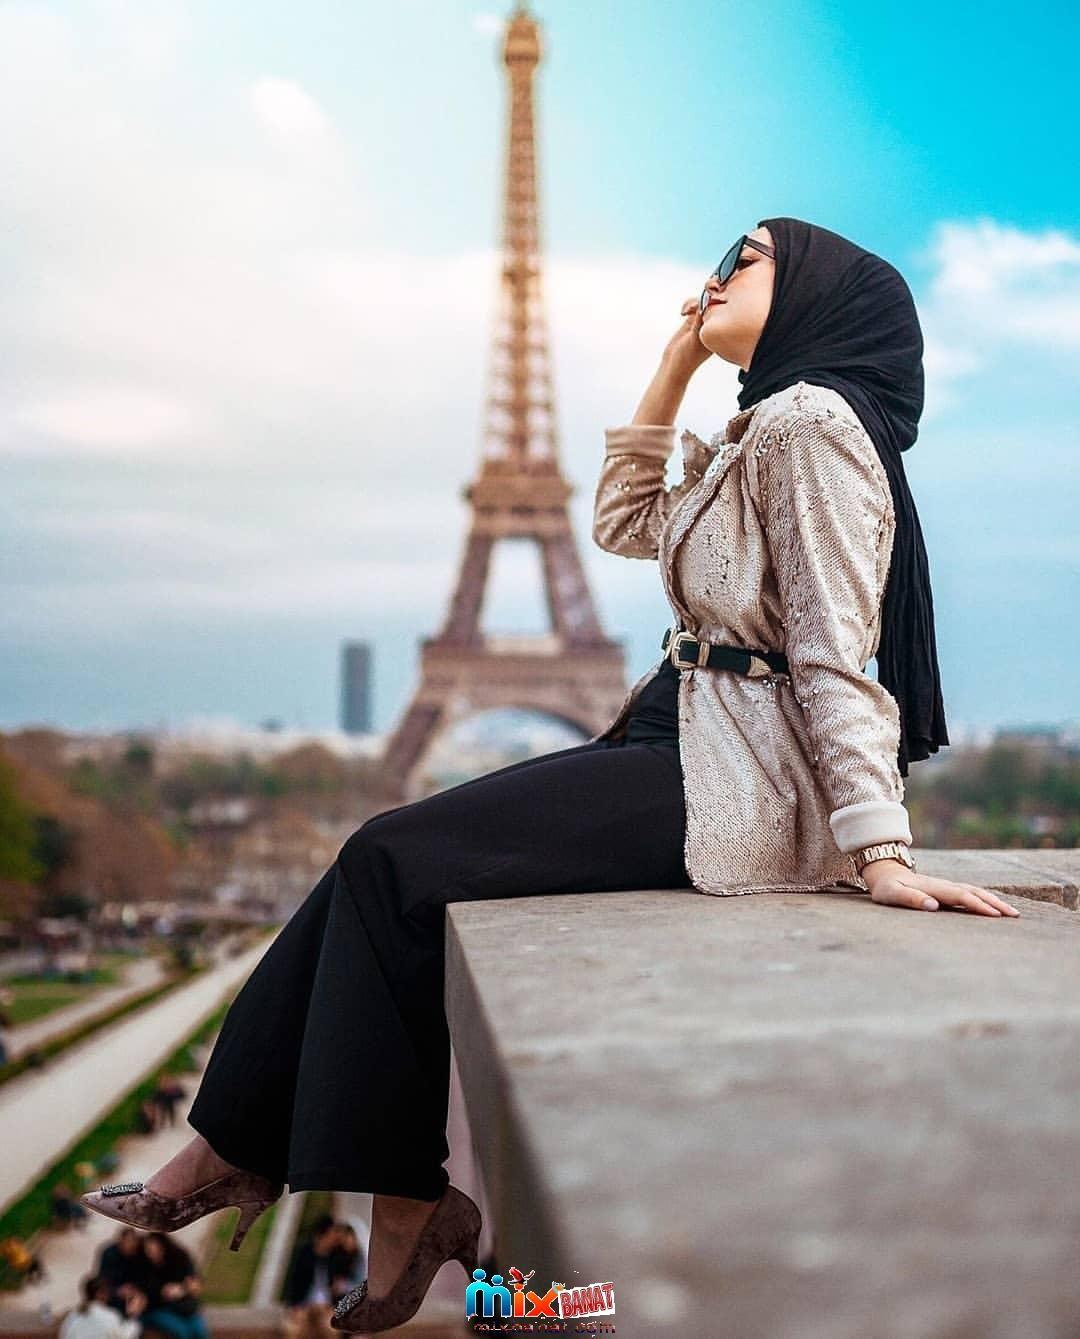 صور بنات محجبات جديدة 2021 رمزيات بنت محجبه كول In 2021 Hijab Fashion Muslimah Fashion Abayas Fashion